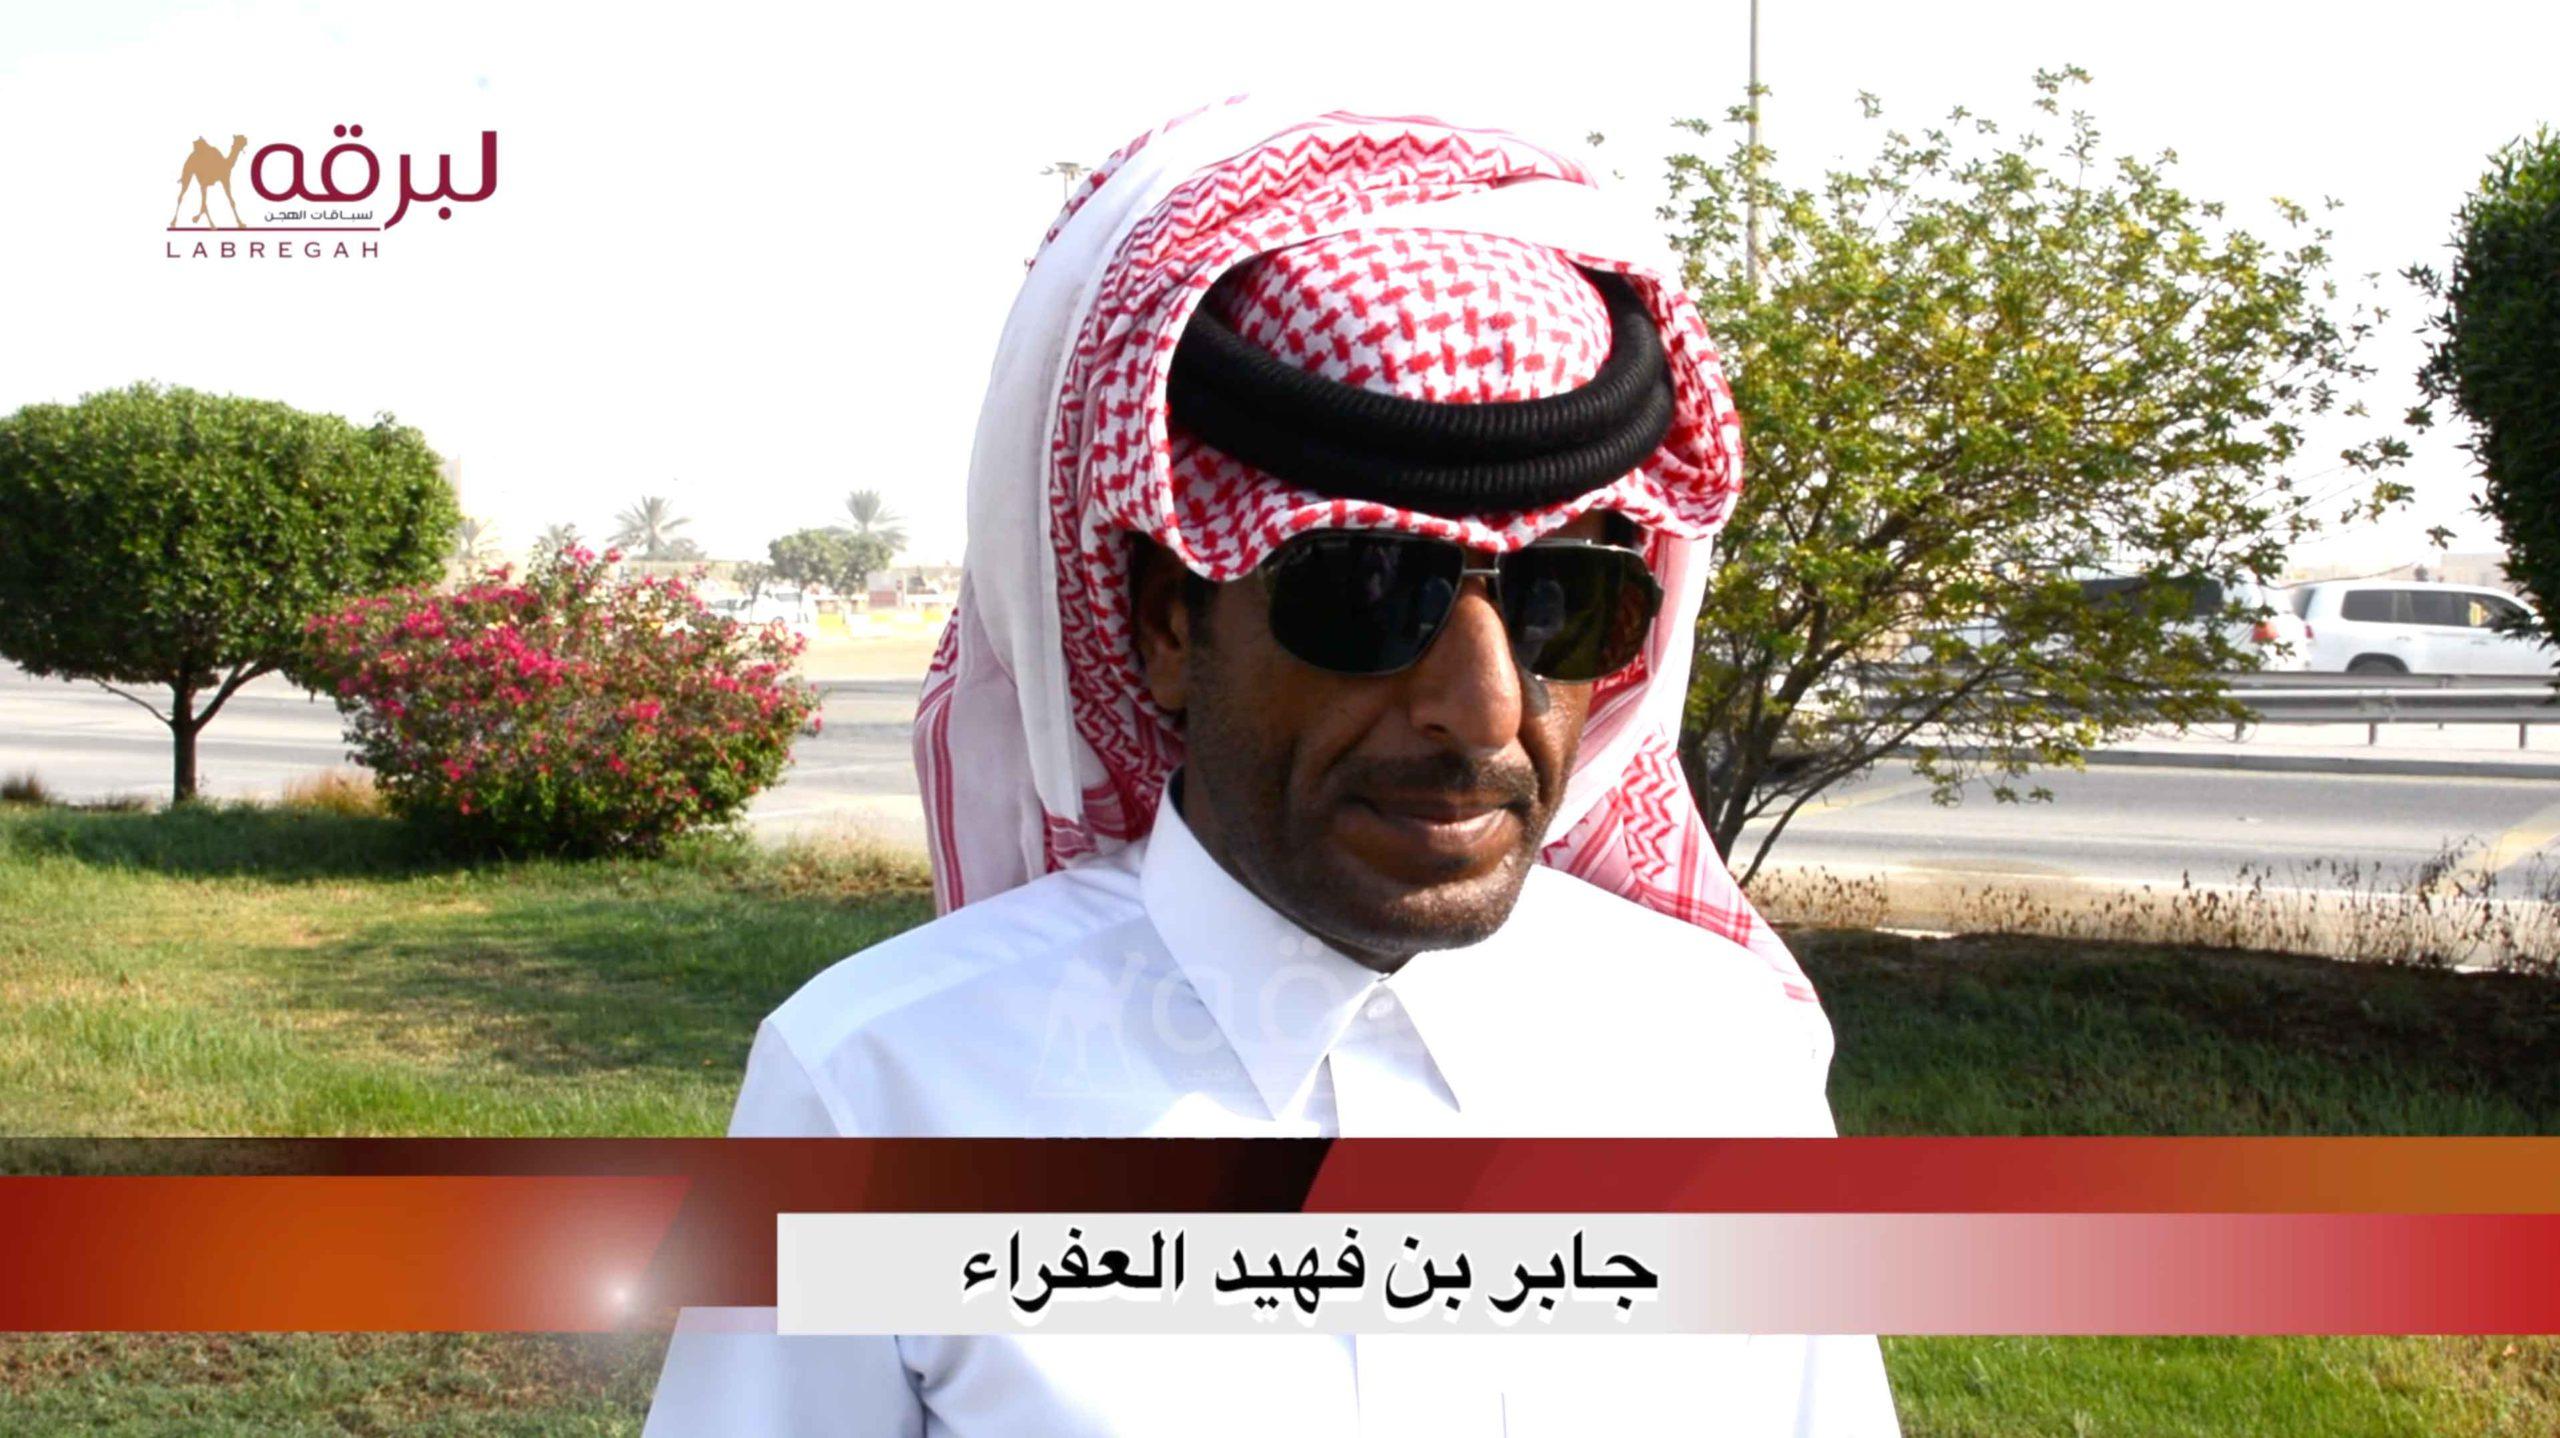 لقاء مع جابر بن فهيد العفراء.. الشوط الرئيسي للحقايق بكار مفتوح صباح ٢٠-٩-٢٠٢٠